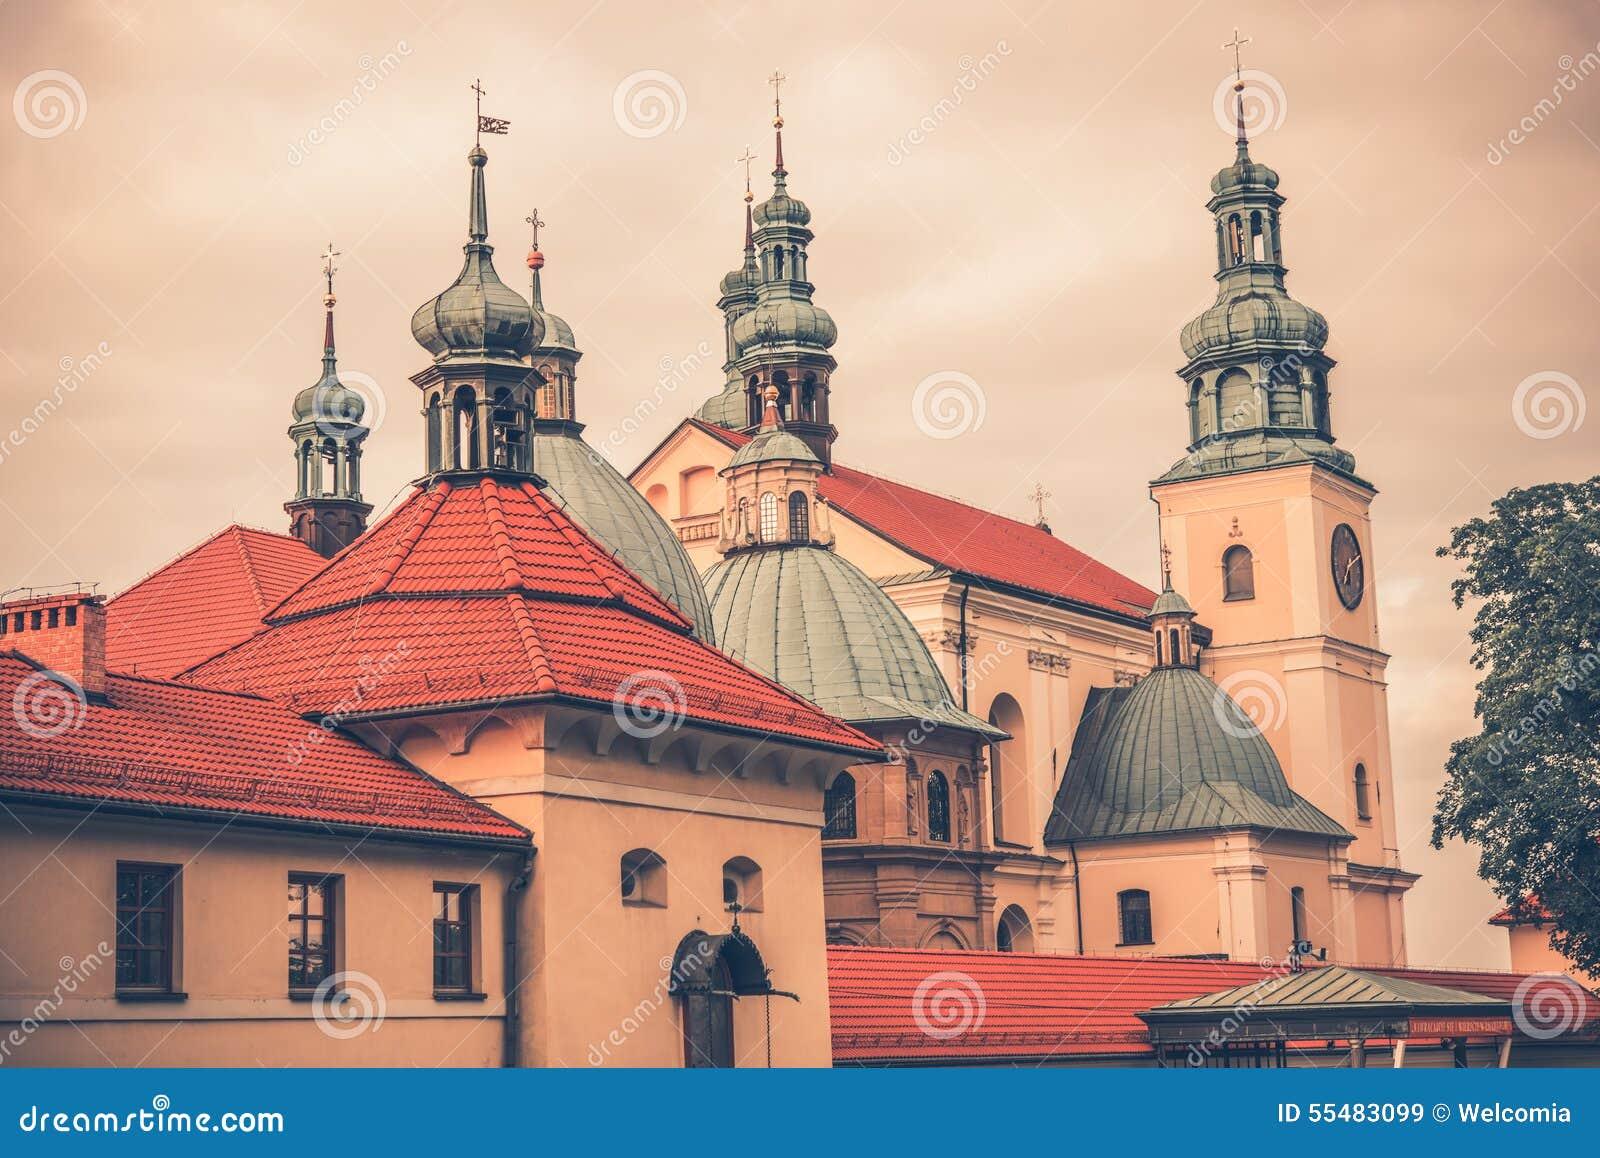 Kalwaria Zebrzydowska kloster